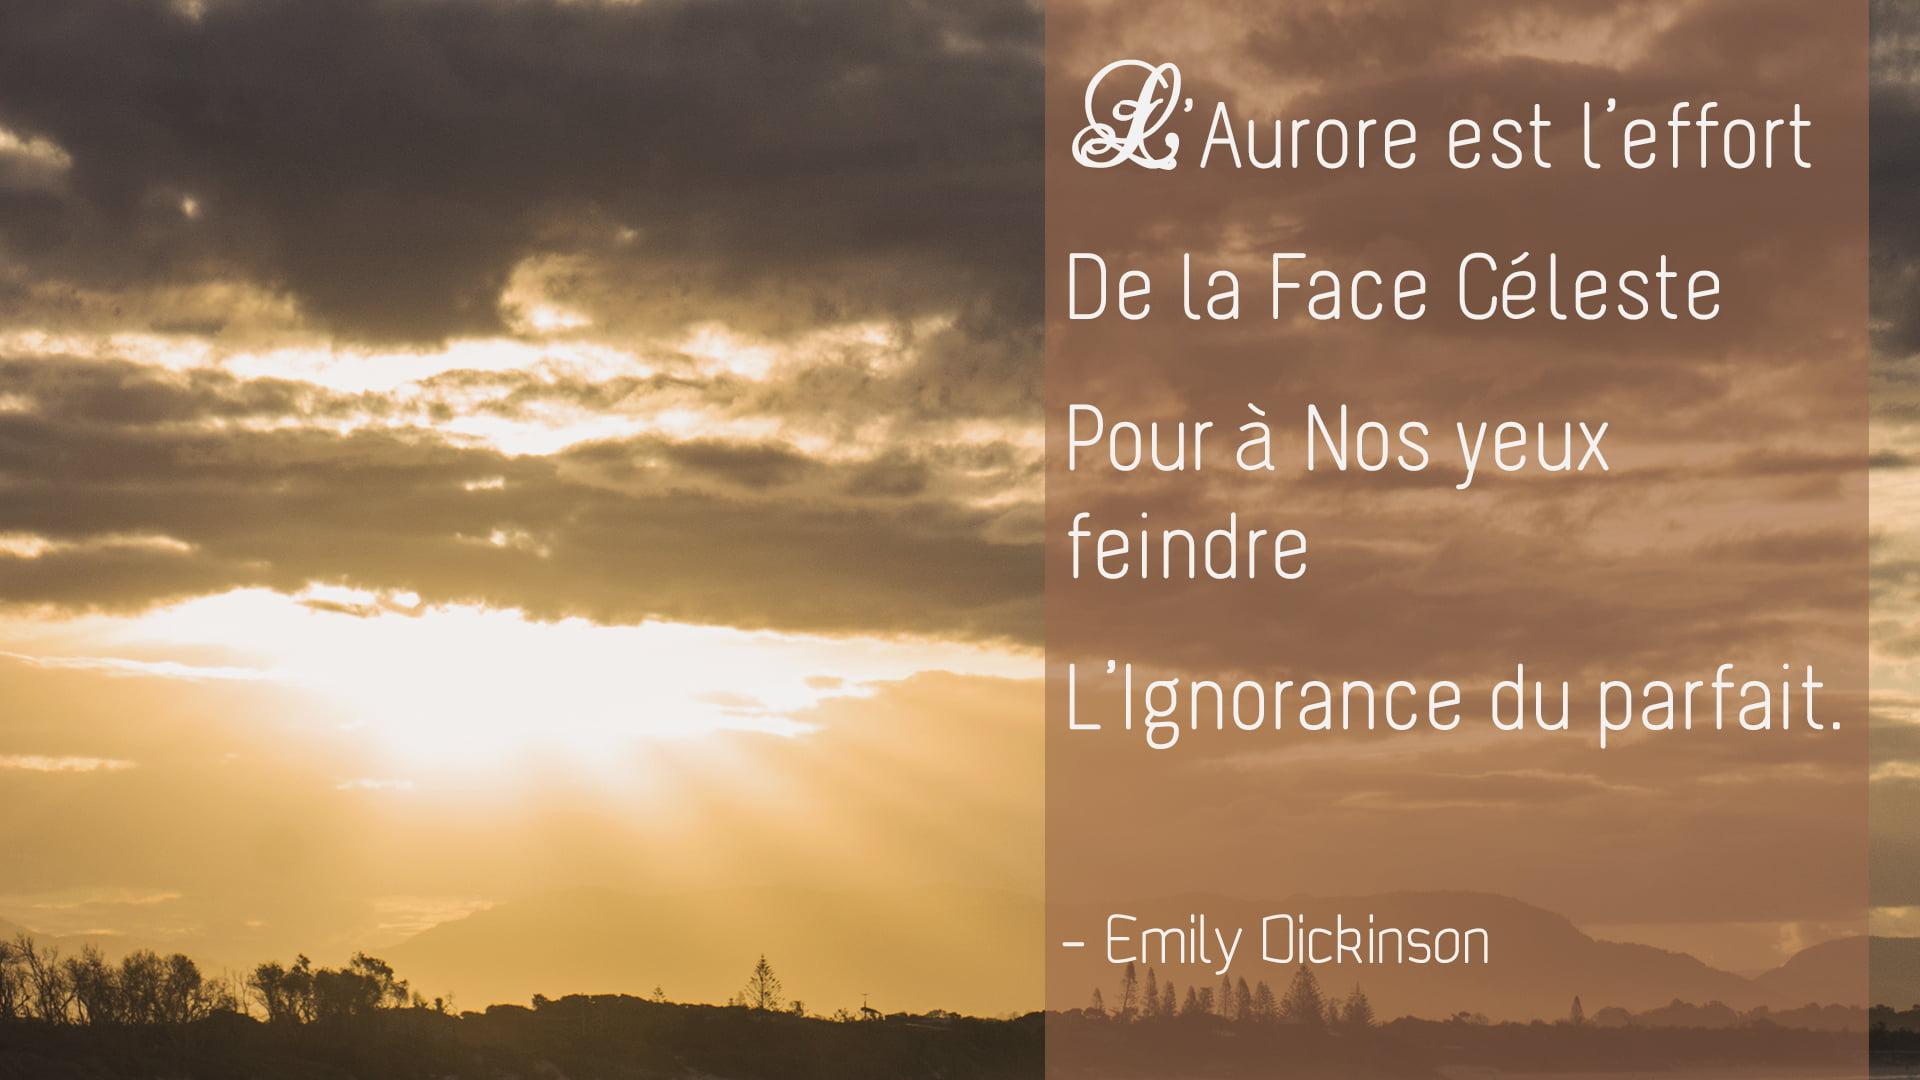 Emily Dickinson – L'aurore